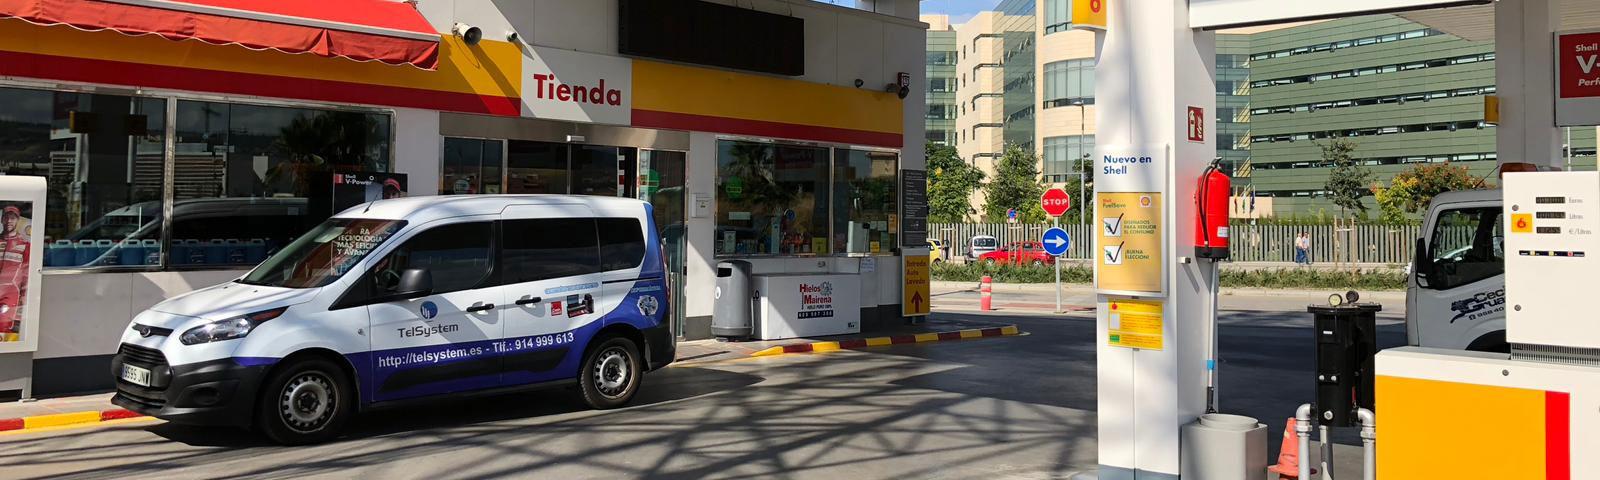 Sectores de negocio Telsystem: Gasolineras